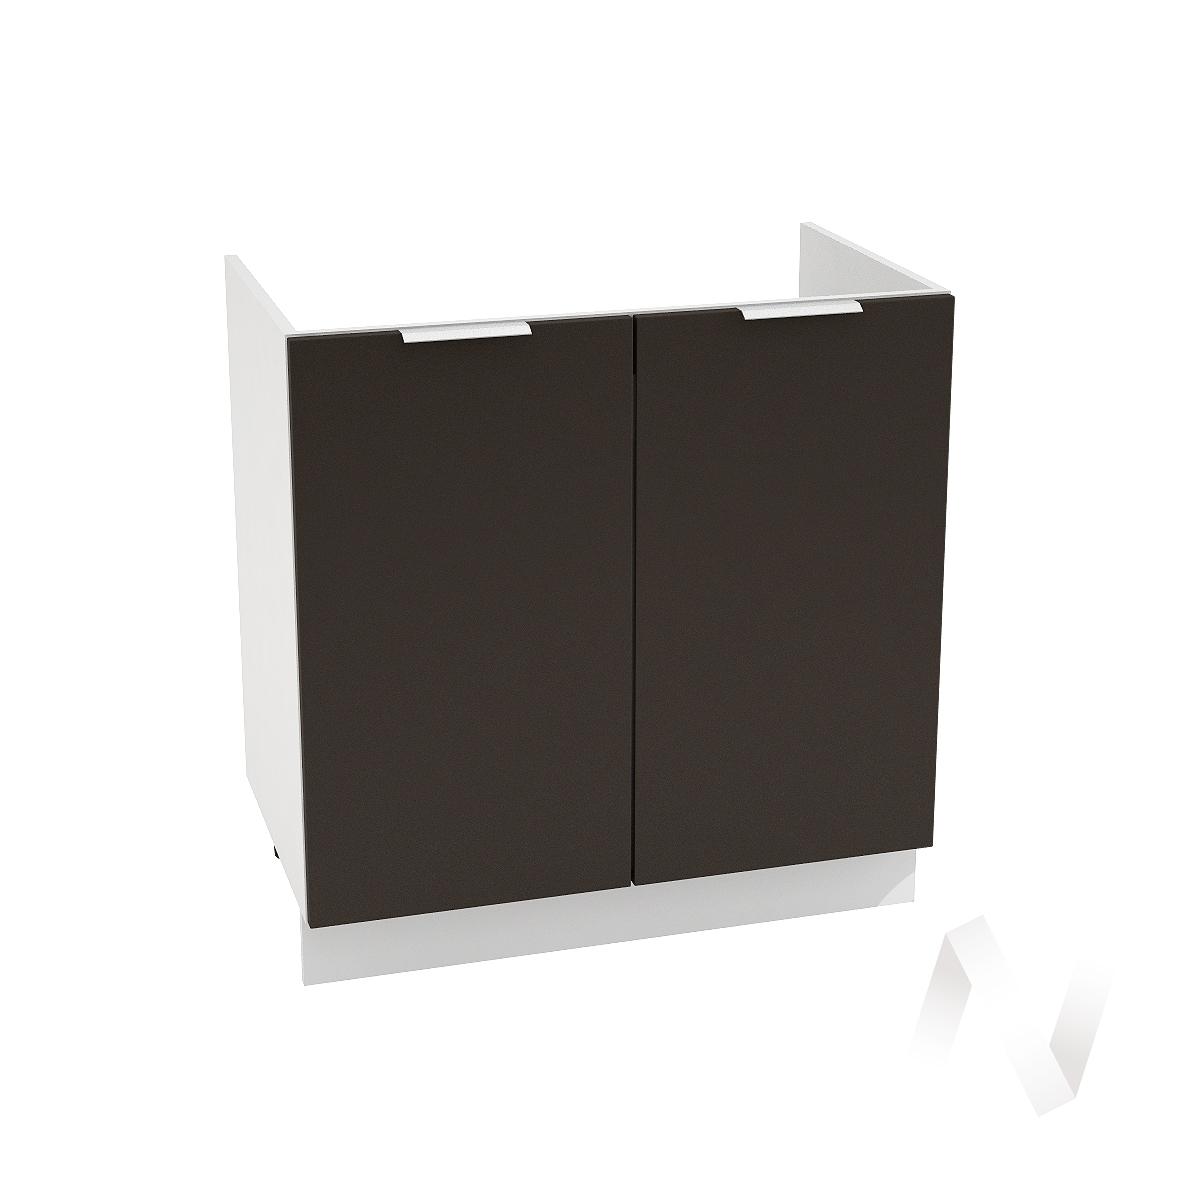 """Кухня """"Терра"""": Шкаф нижний под мойку 800, ШНМ 800 (смоки софт/корпус белый)"""